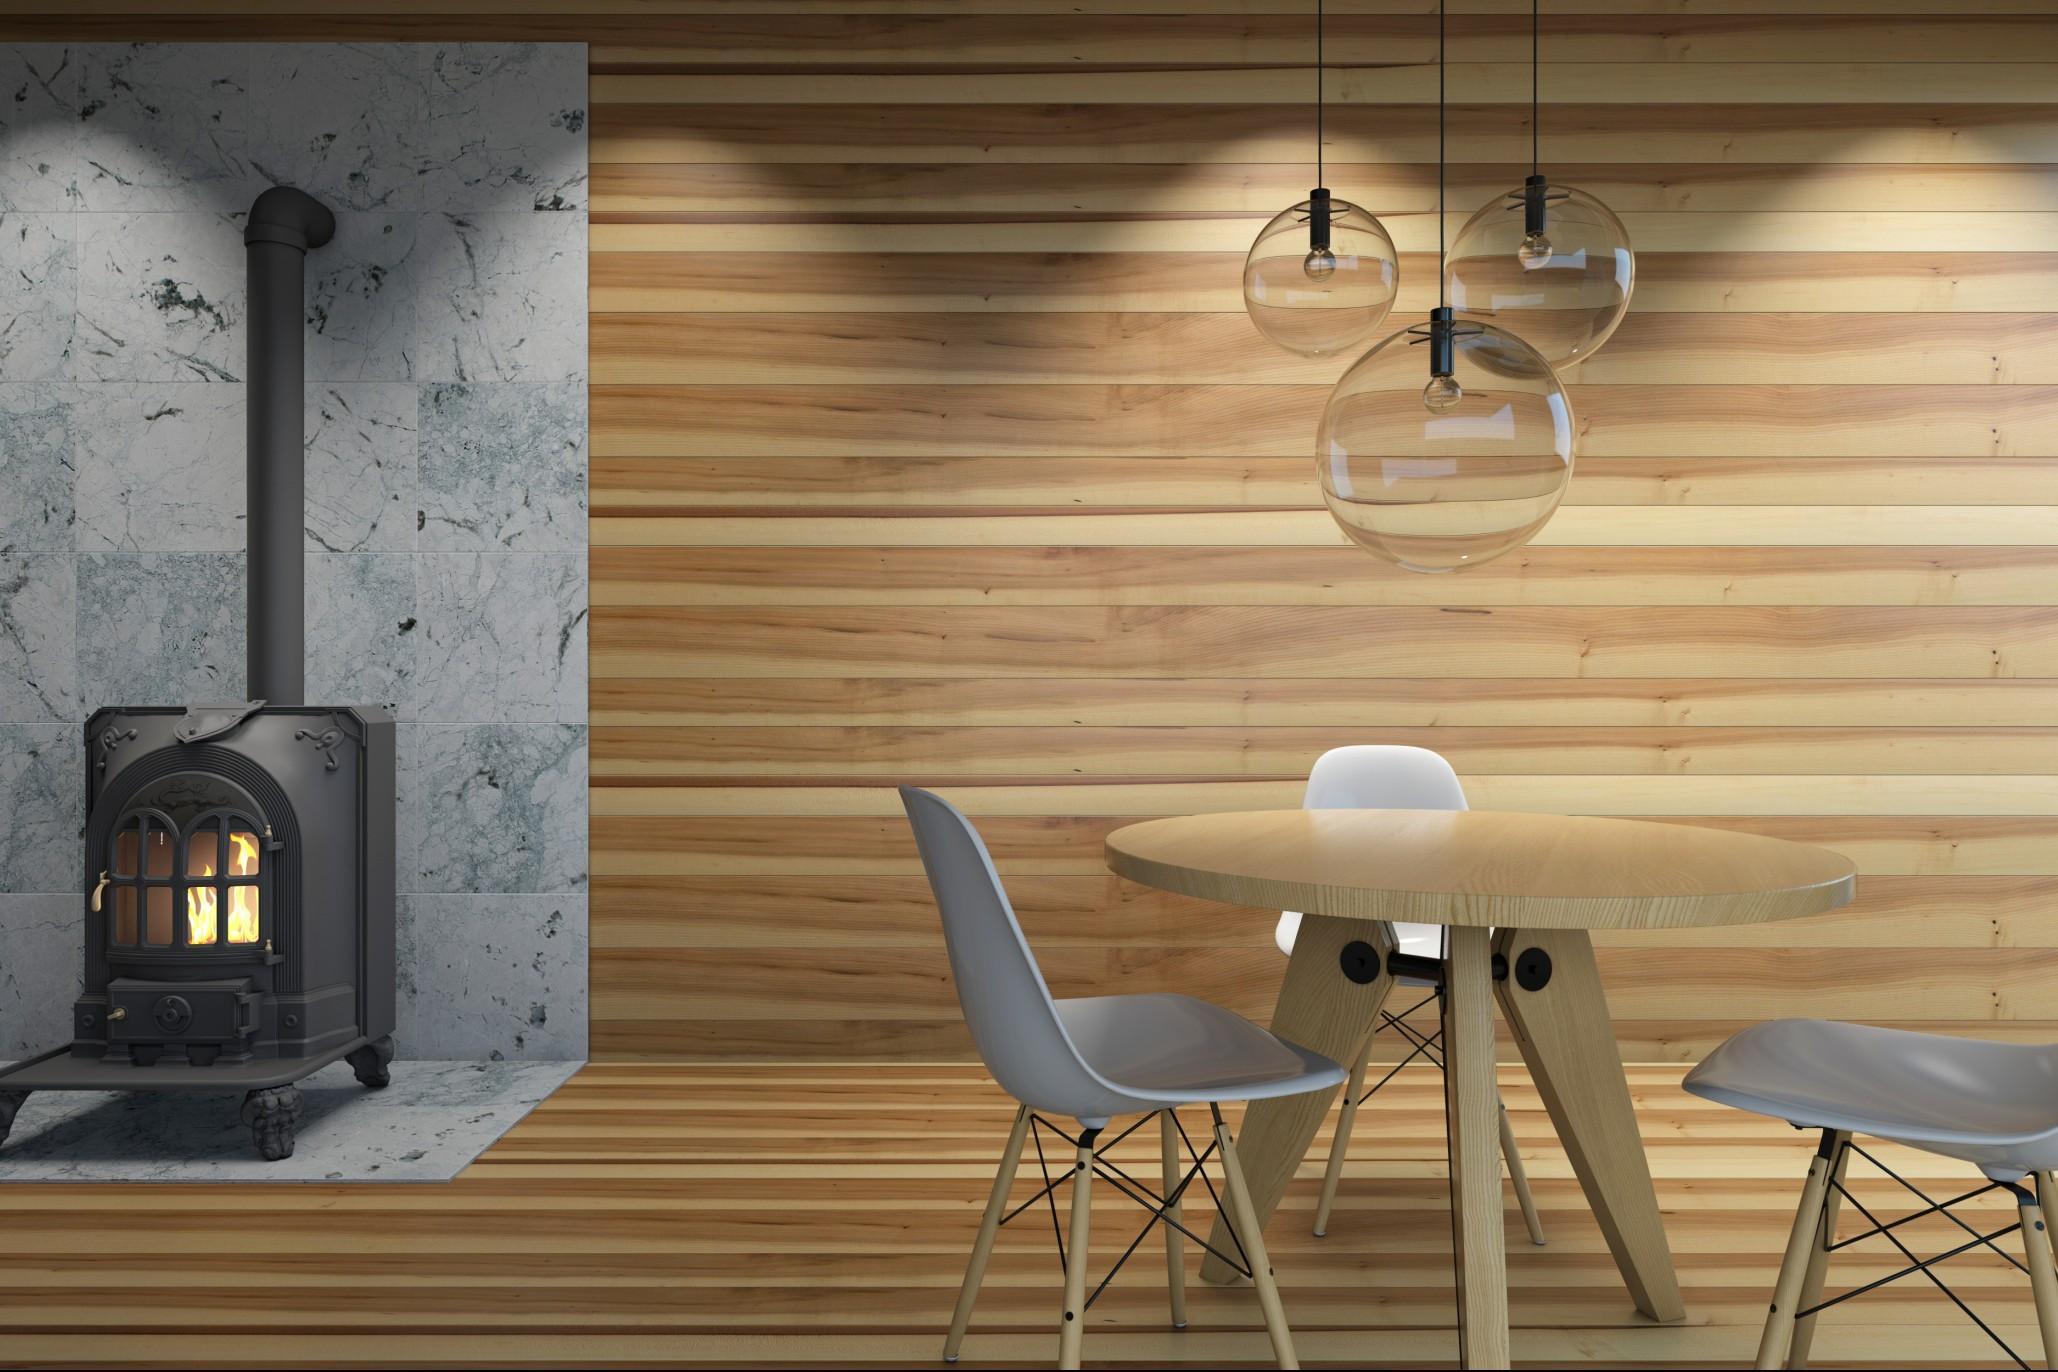 Perline legno per pareti prezzi vantaggi e svantaggi designandmore arredare casa - Tavole adesive per pareti 3d ...